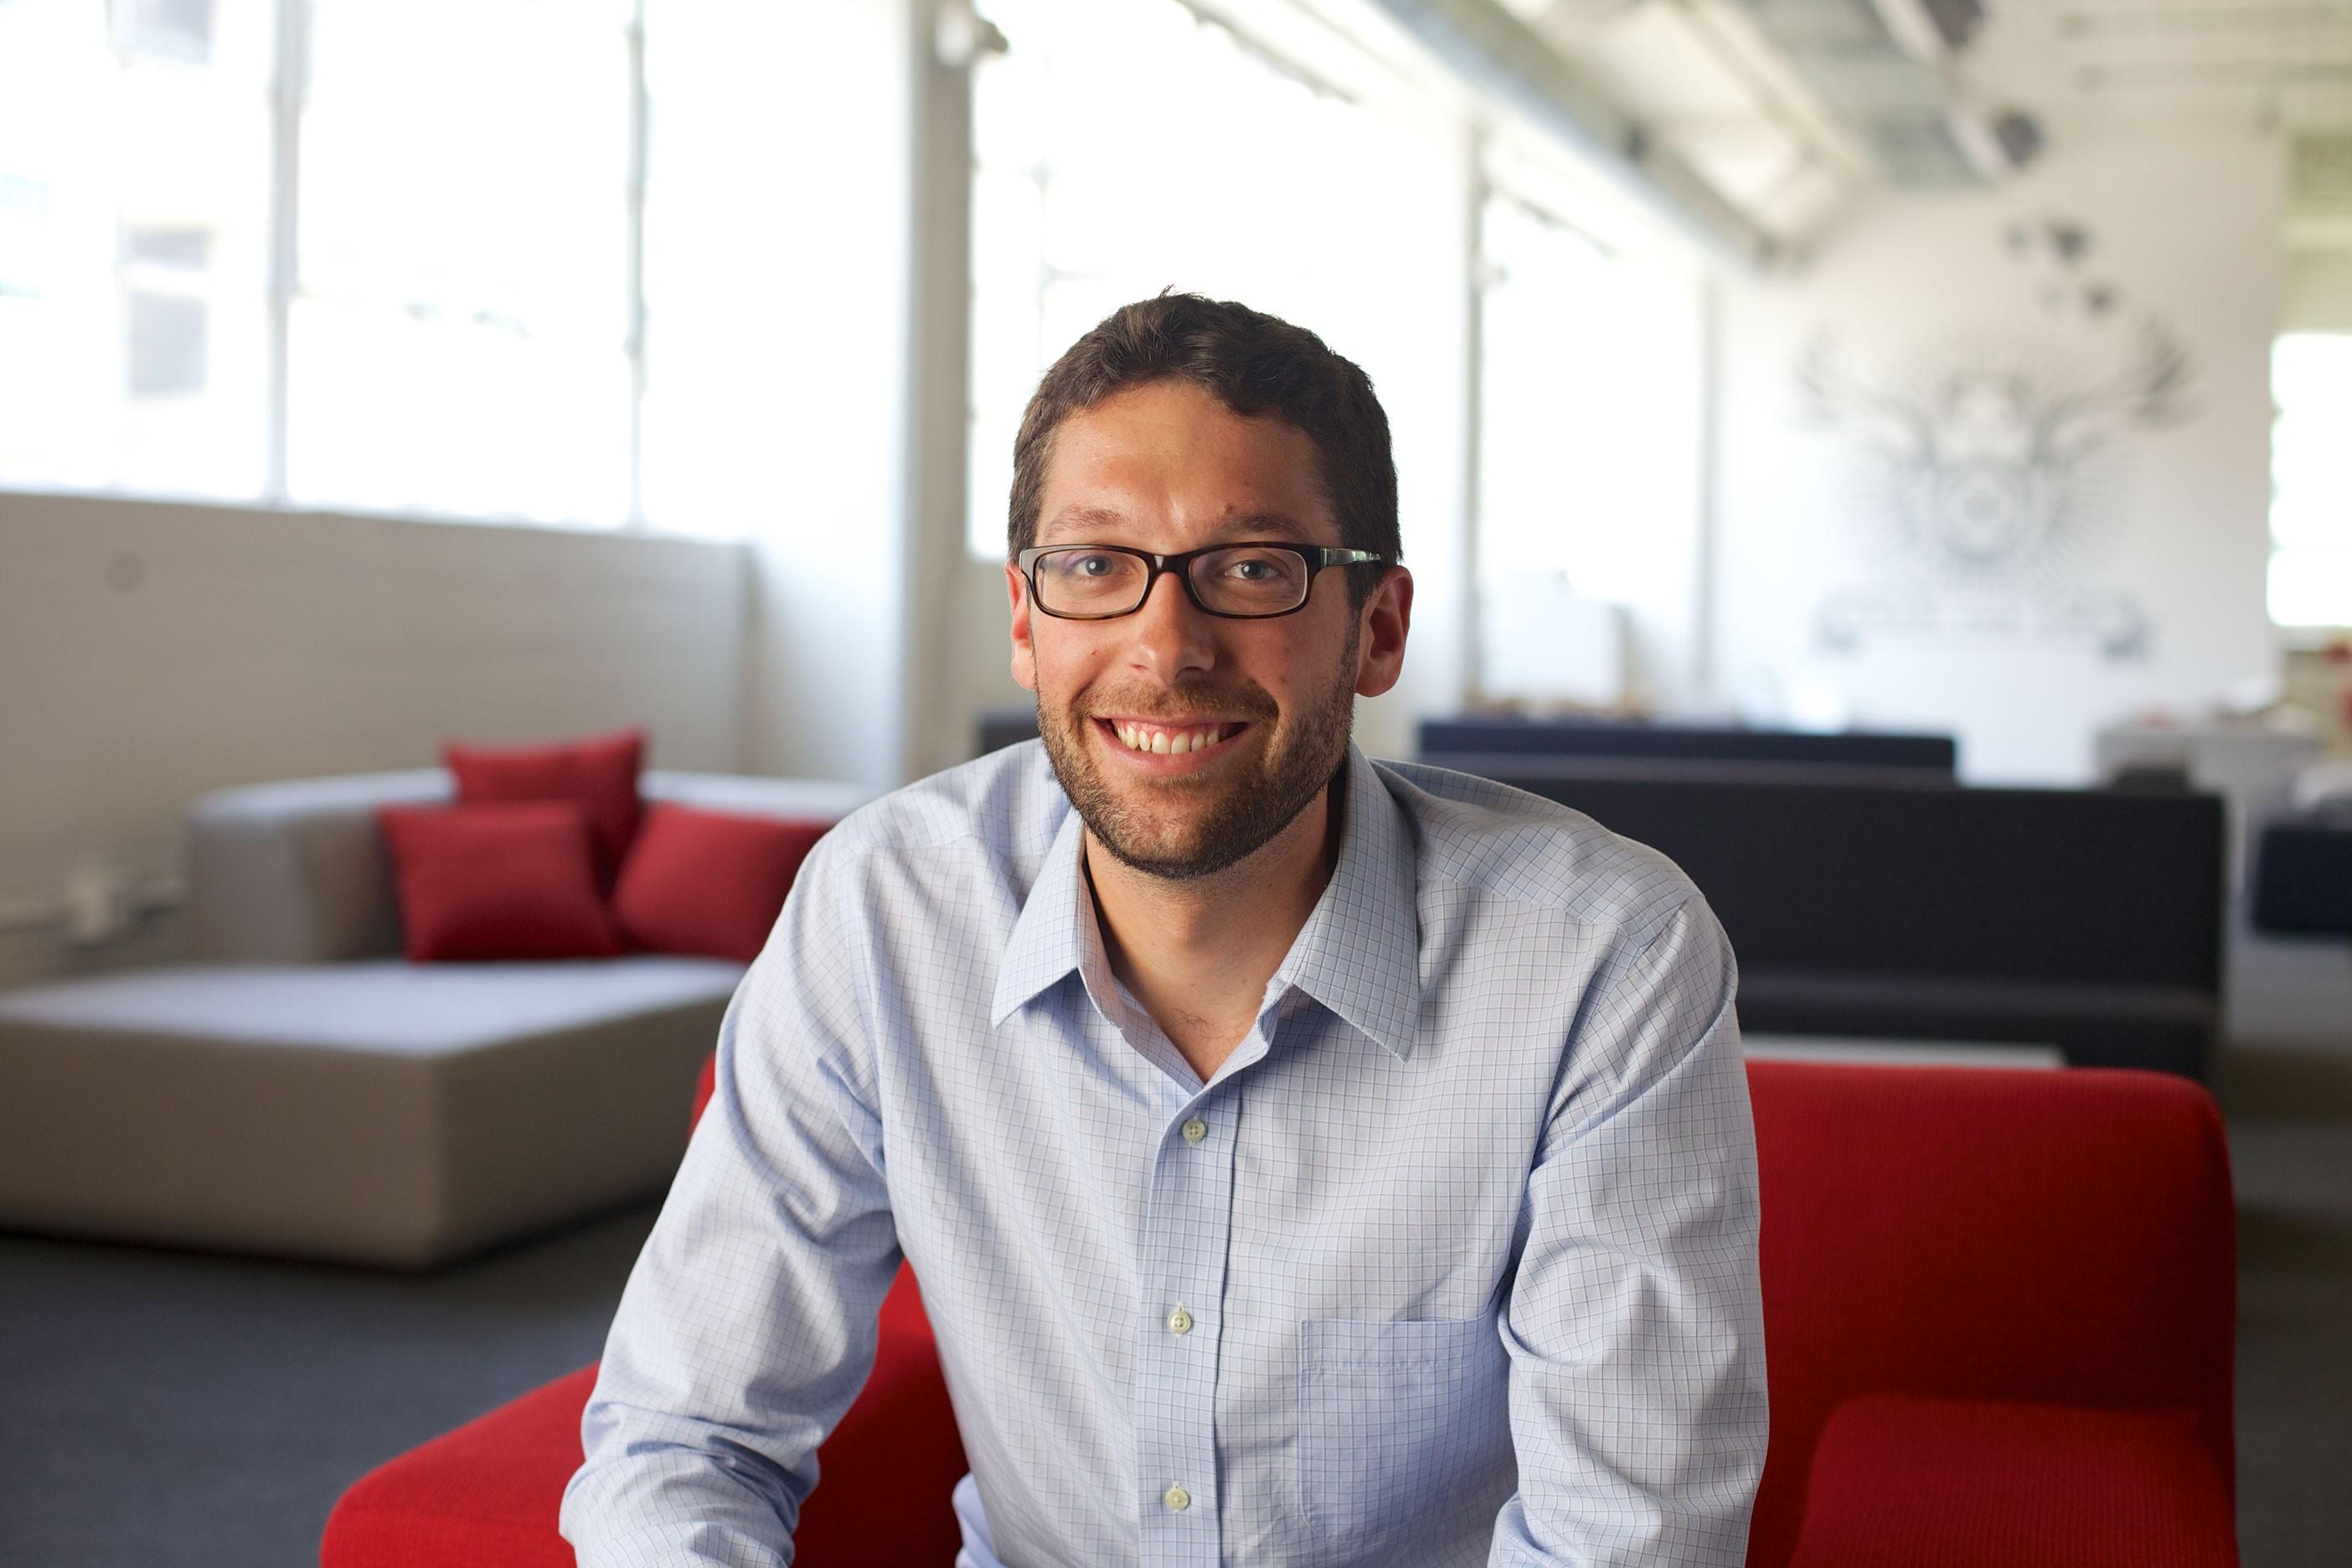 MWC Q&A: Patrick Malatack, VP Product, Twilio TechNative